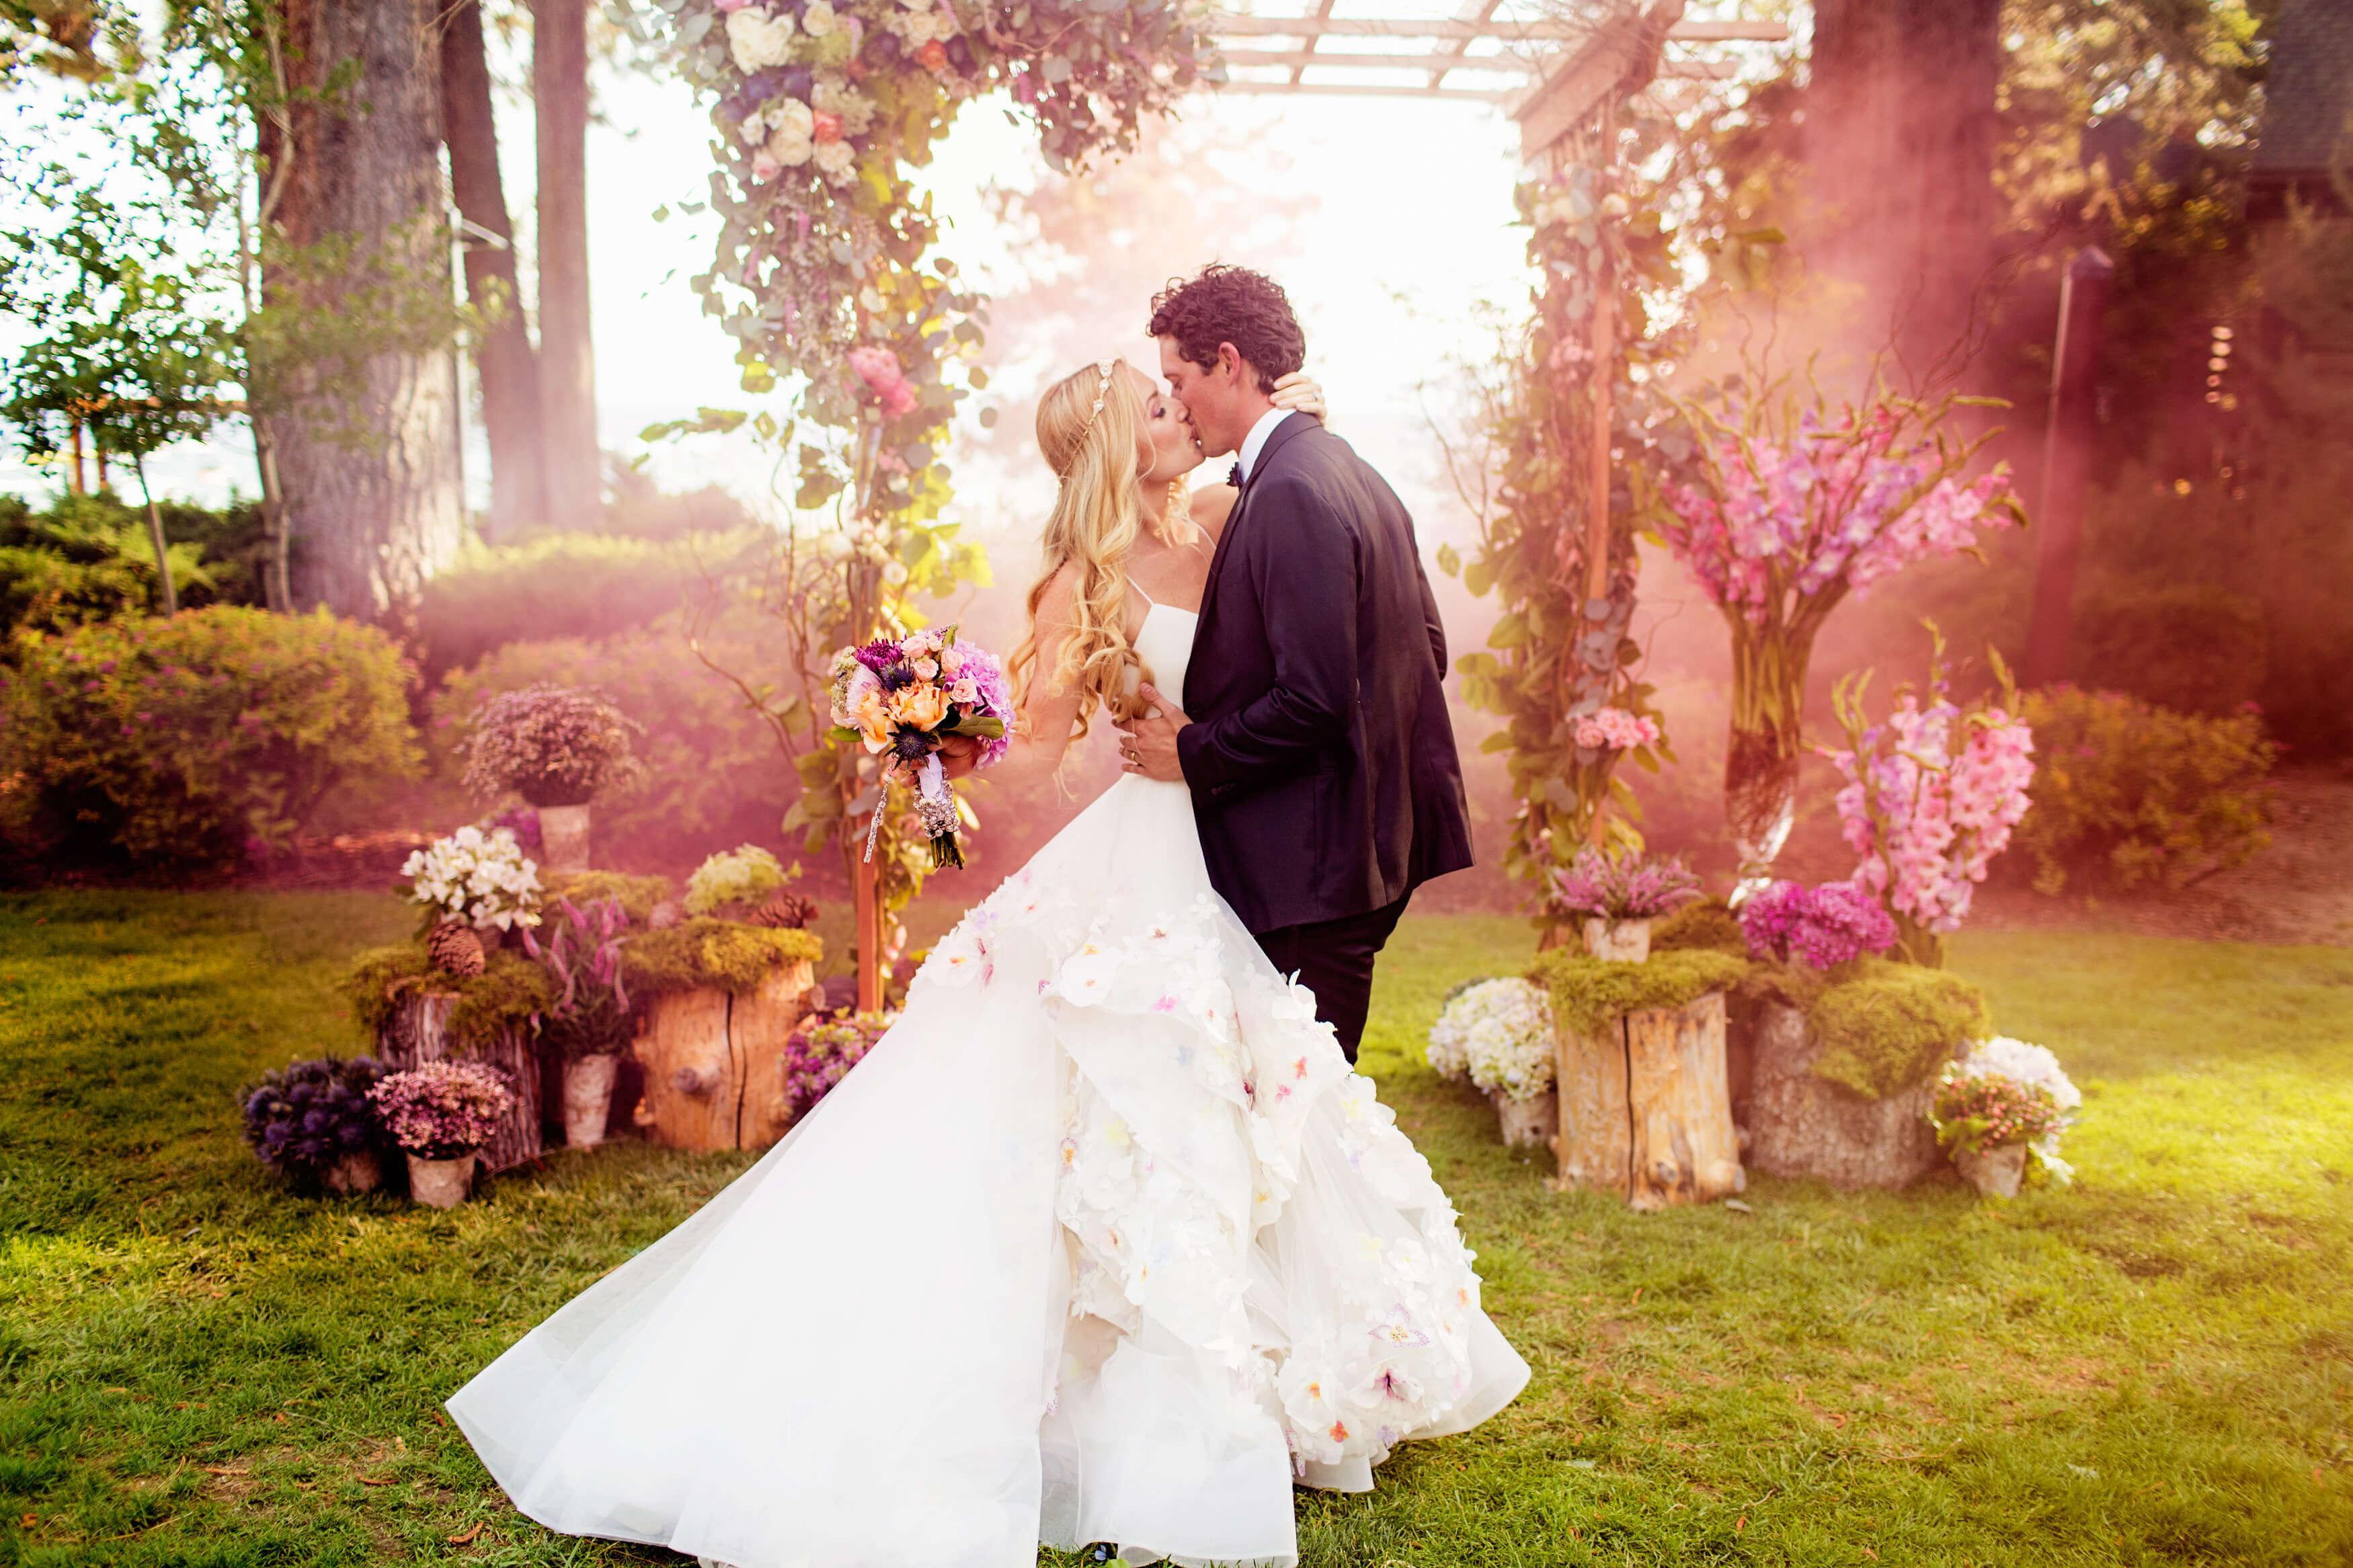 festa de casamento perfeita